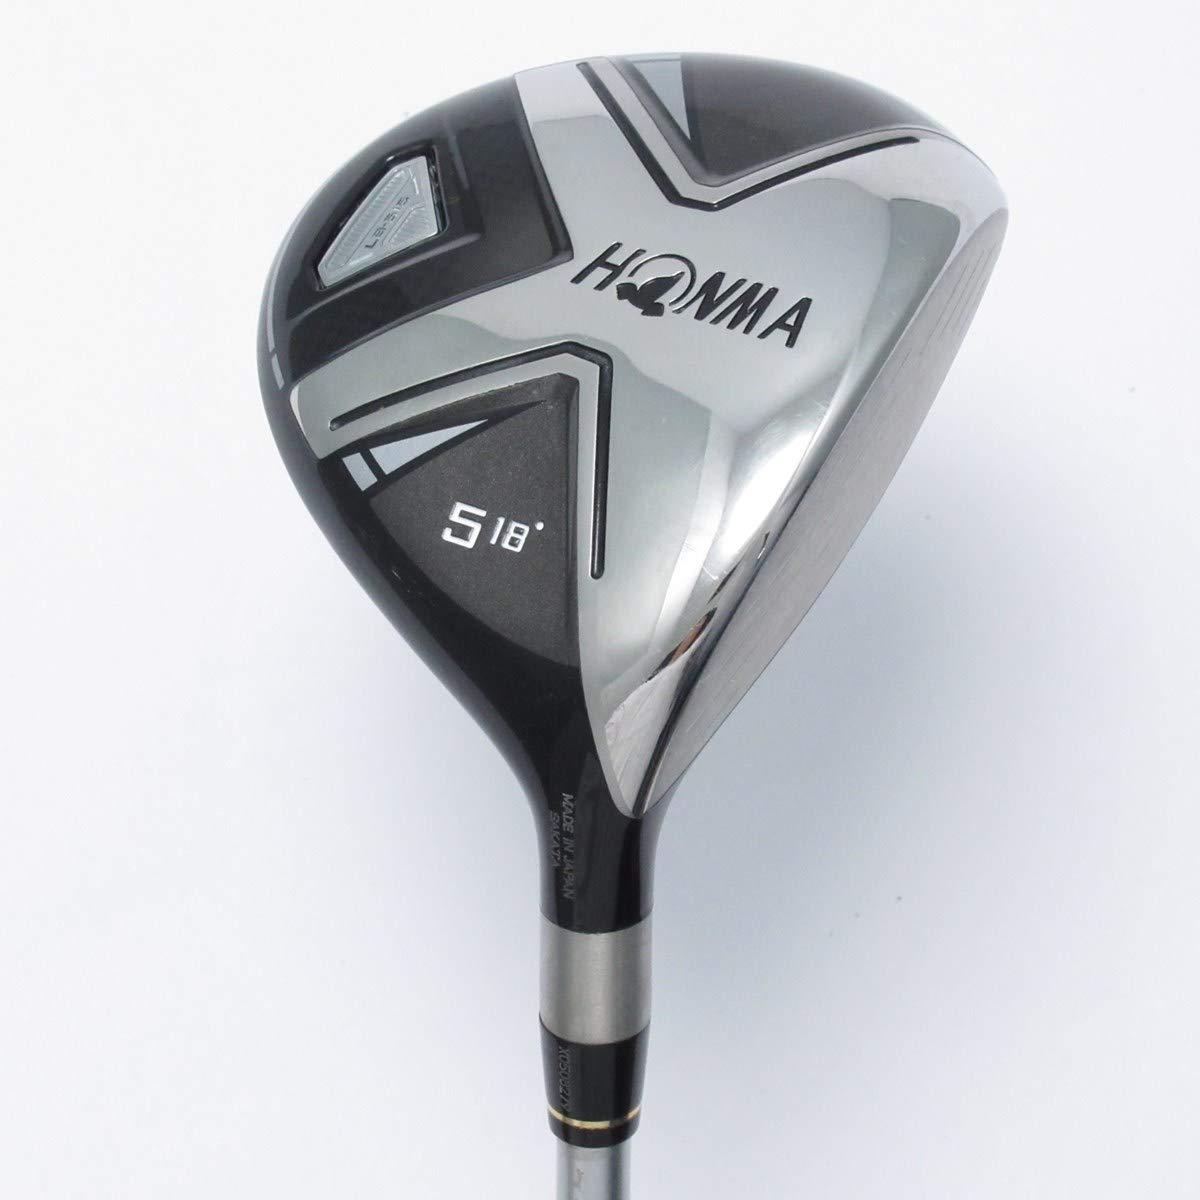 【中古】本間ゴルフ HONMA LB-515 フェアウェイウッド LB-1000 【5W】 B07MZWBCKD  SR